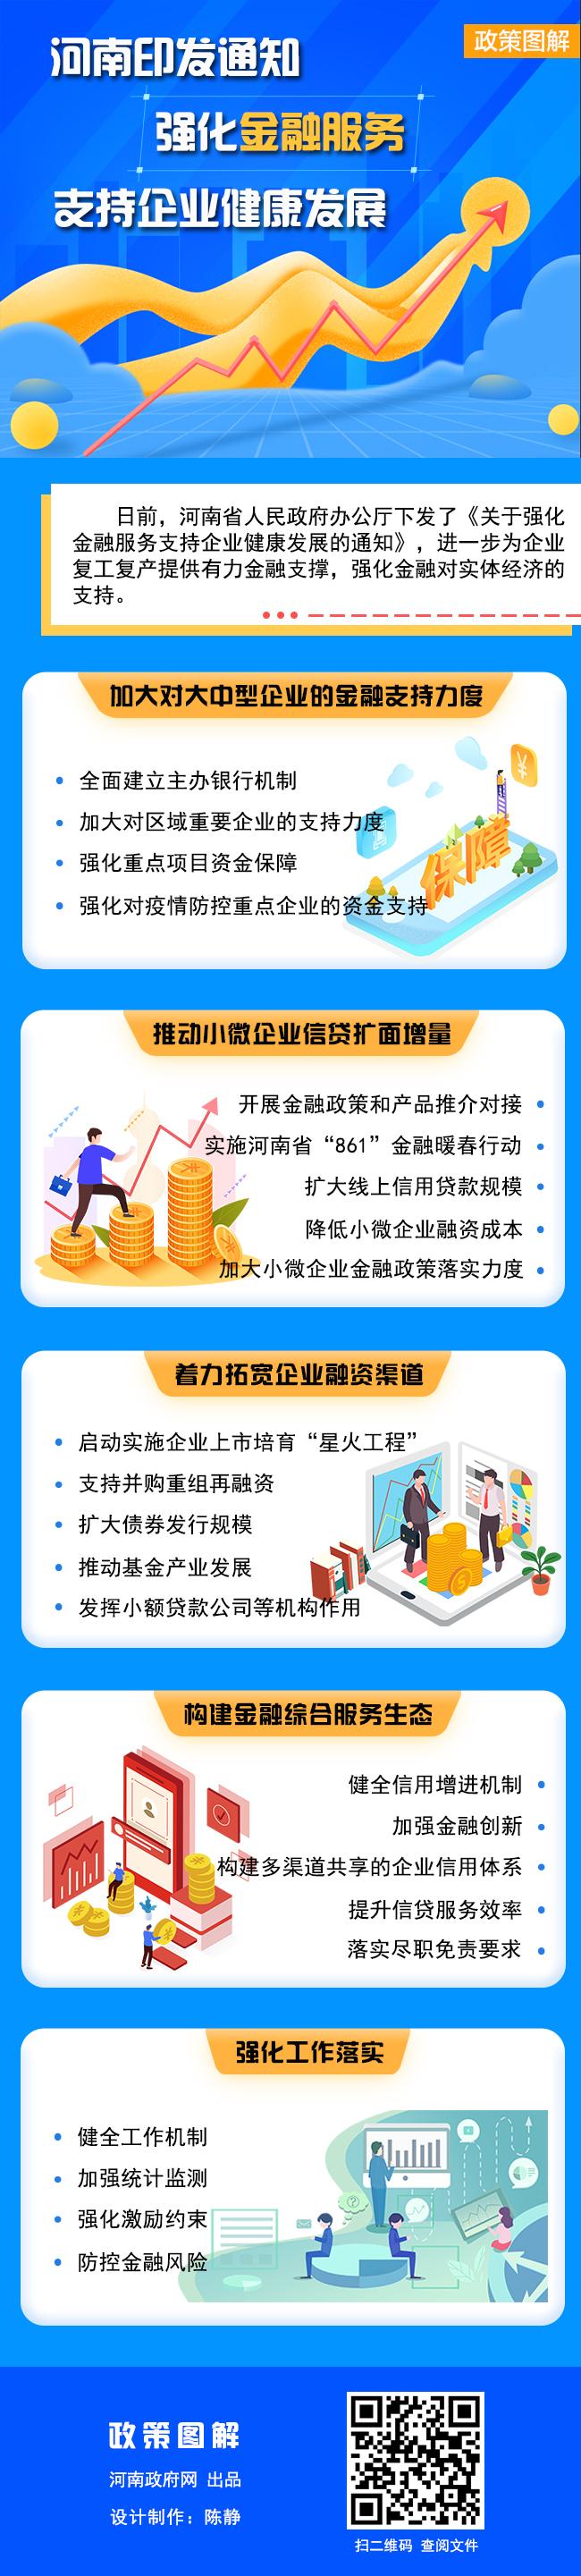 图解:河南印发通知 强化金融服务支持企业健康发展